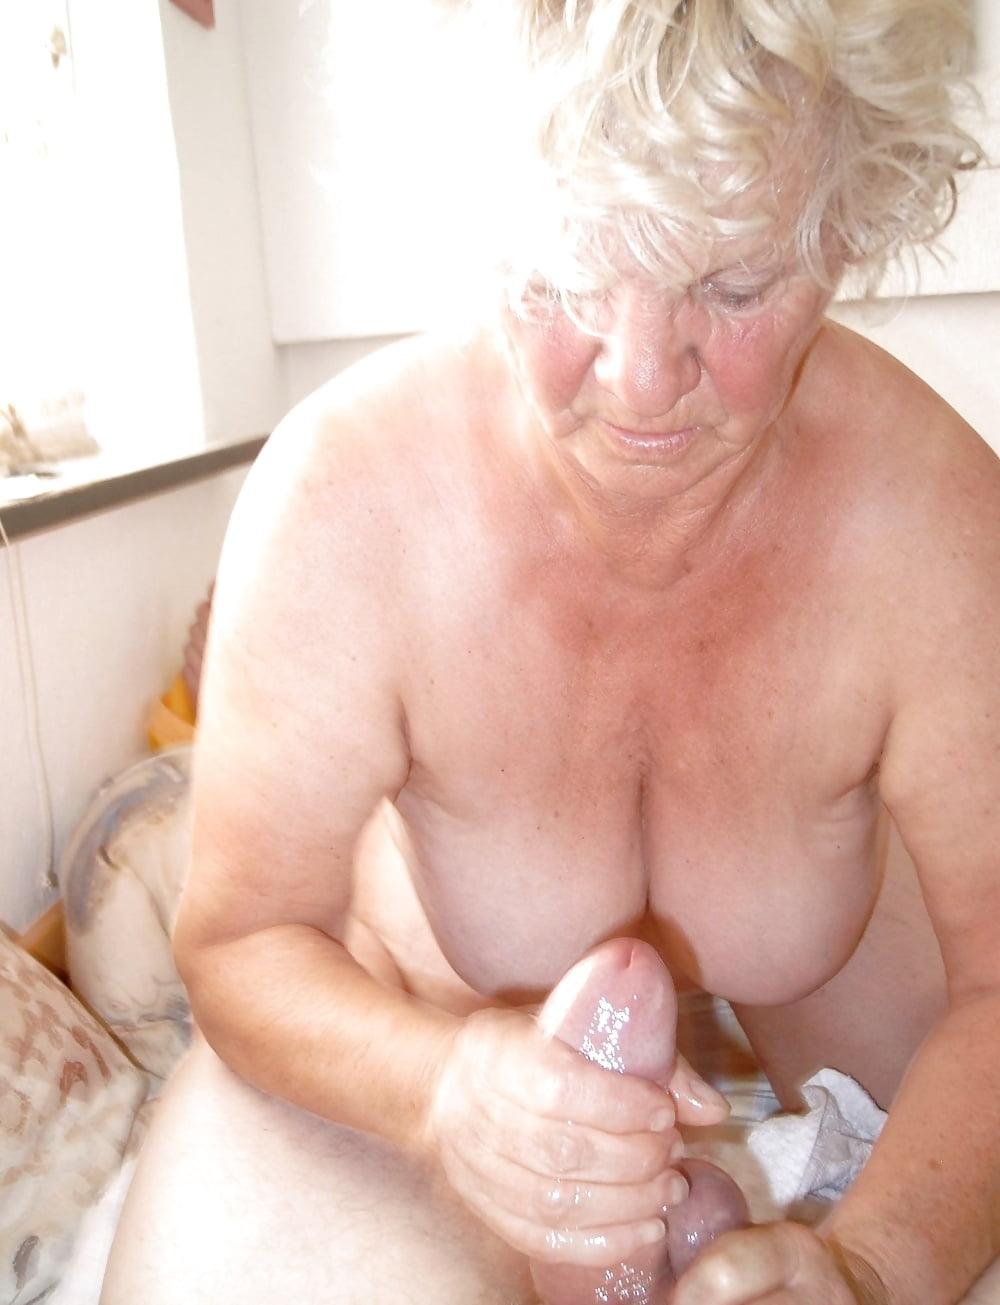 Free lovely granny handjob